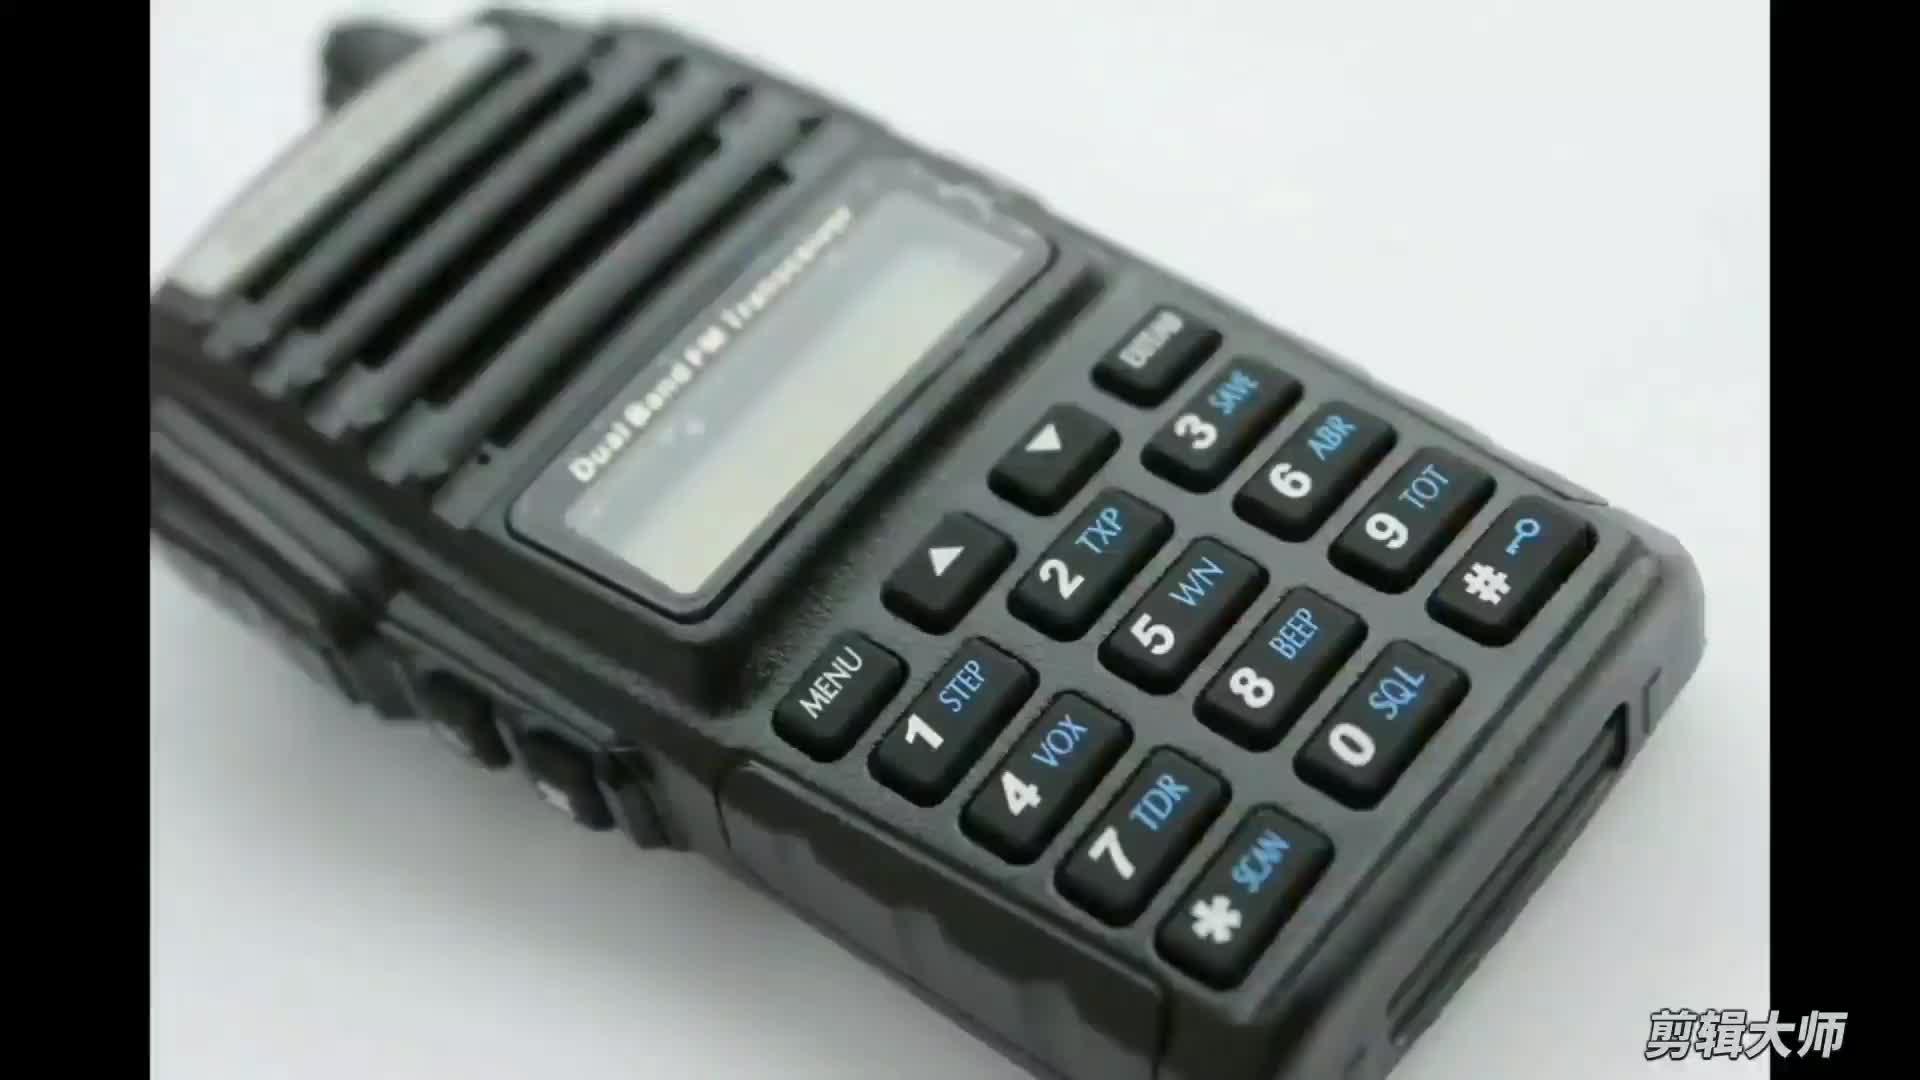 सबसे अच्छा बेच 5 W दोहरी बैंड रेडियो वीएचएफ यूएचएफ Baofeng यूवी-मोबाइल रेडियो